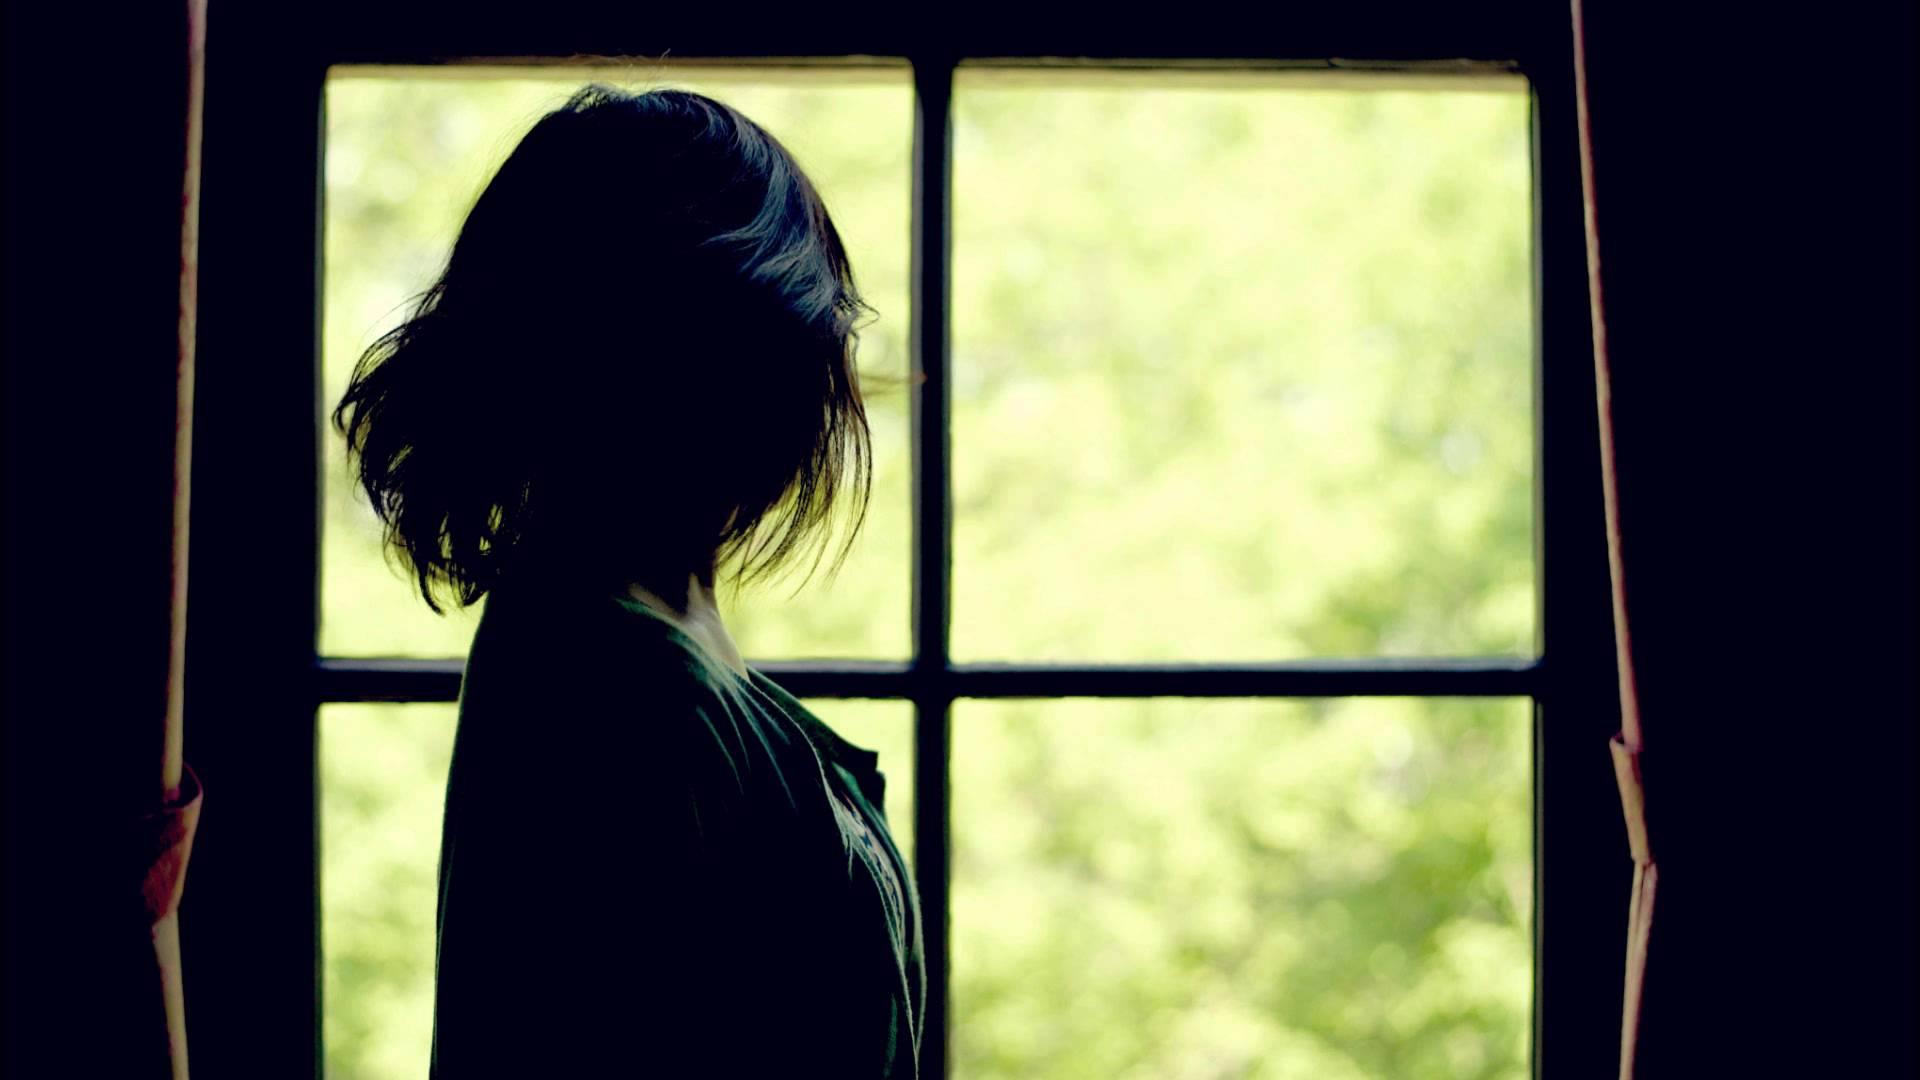 Phận đàn bà vốn dĩ giống nhau, đến khi kết hôn đã là những câu chuyện hoàn toàn khác - Ảnh 1